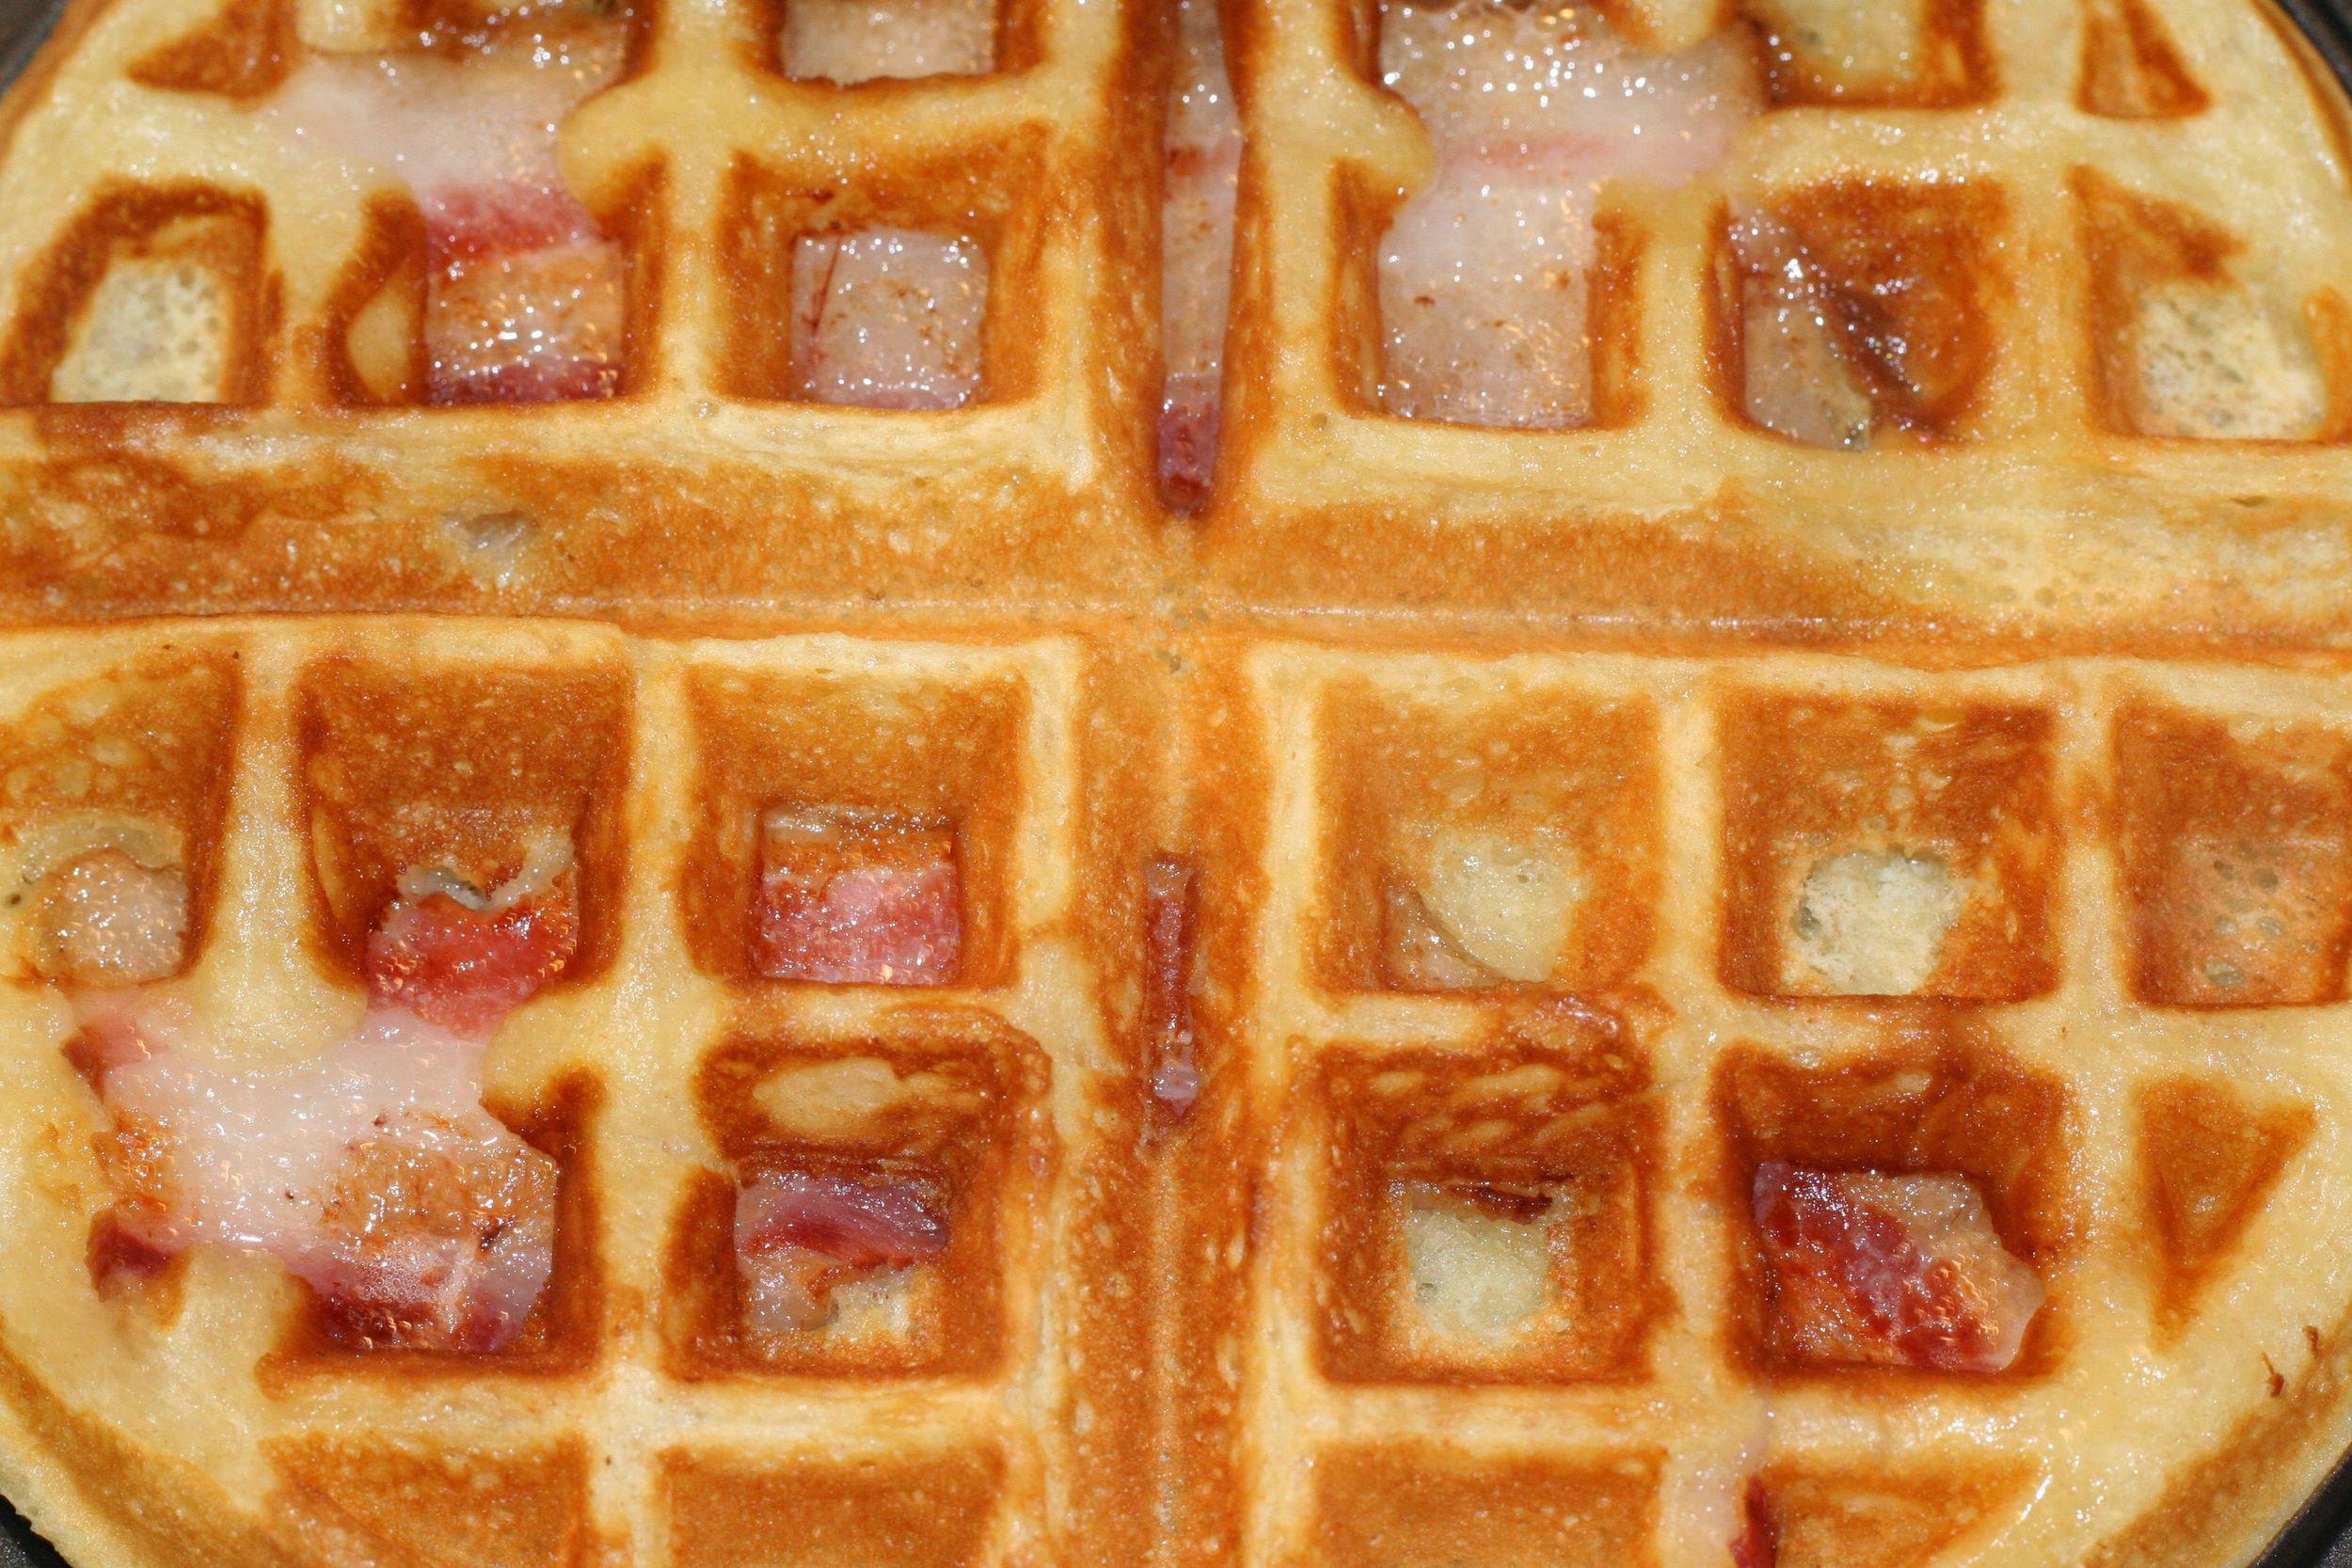 Crispy Bacon inside the waffle